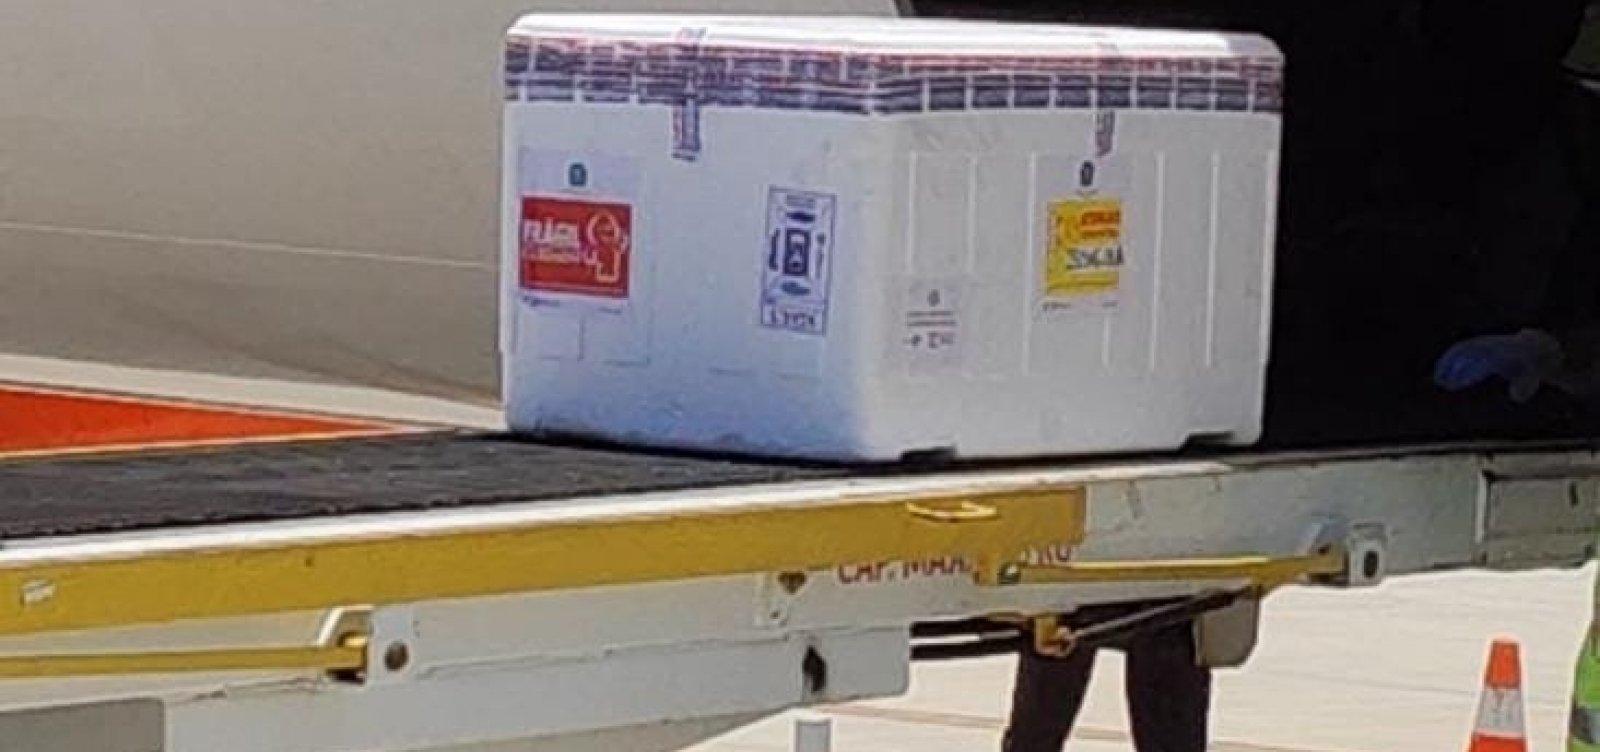 Lote de Oxford chega na Bahia e estado supera marca de 8 milhões de vacinas recebidas